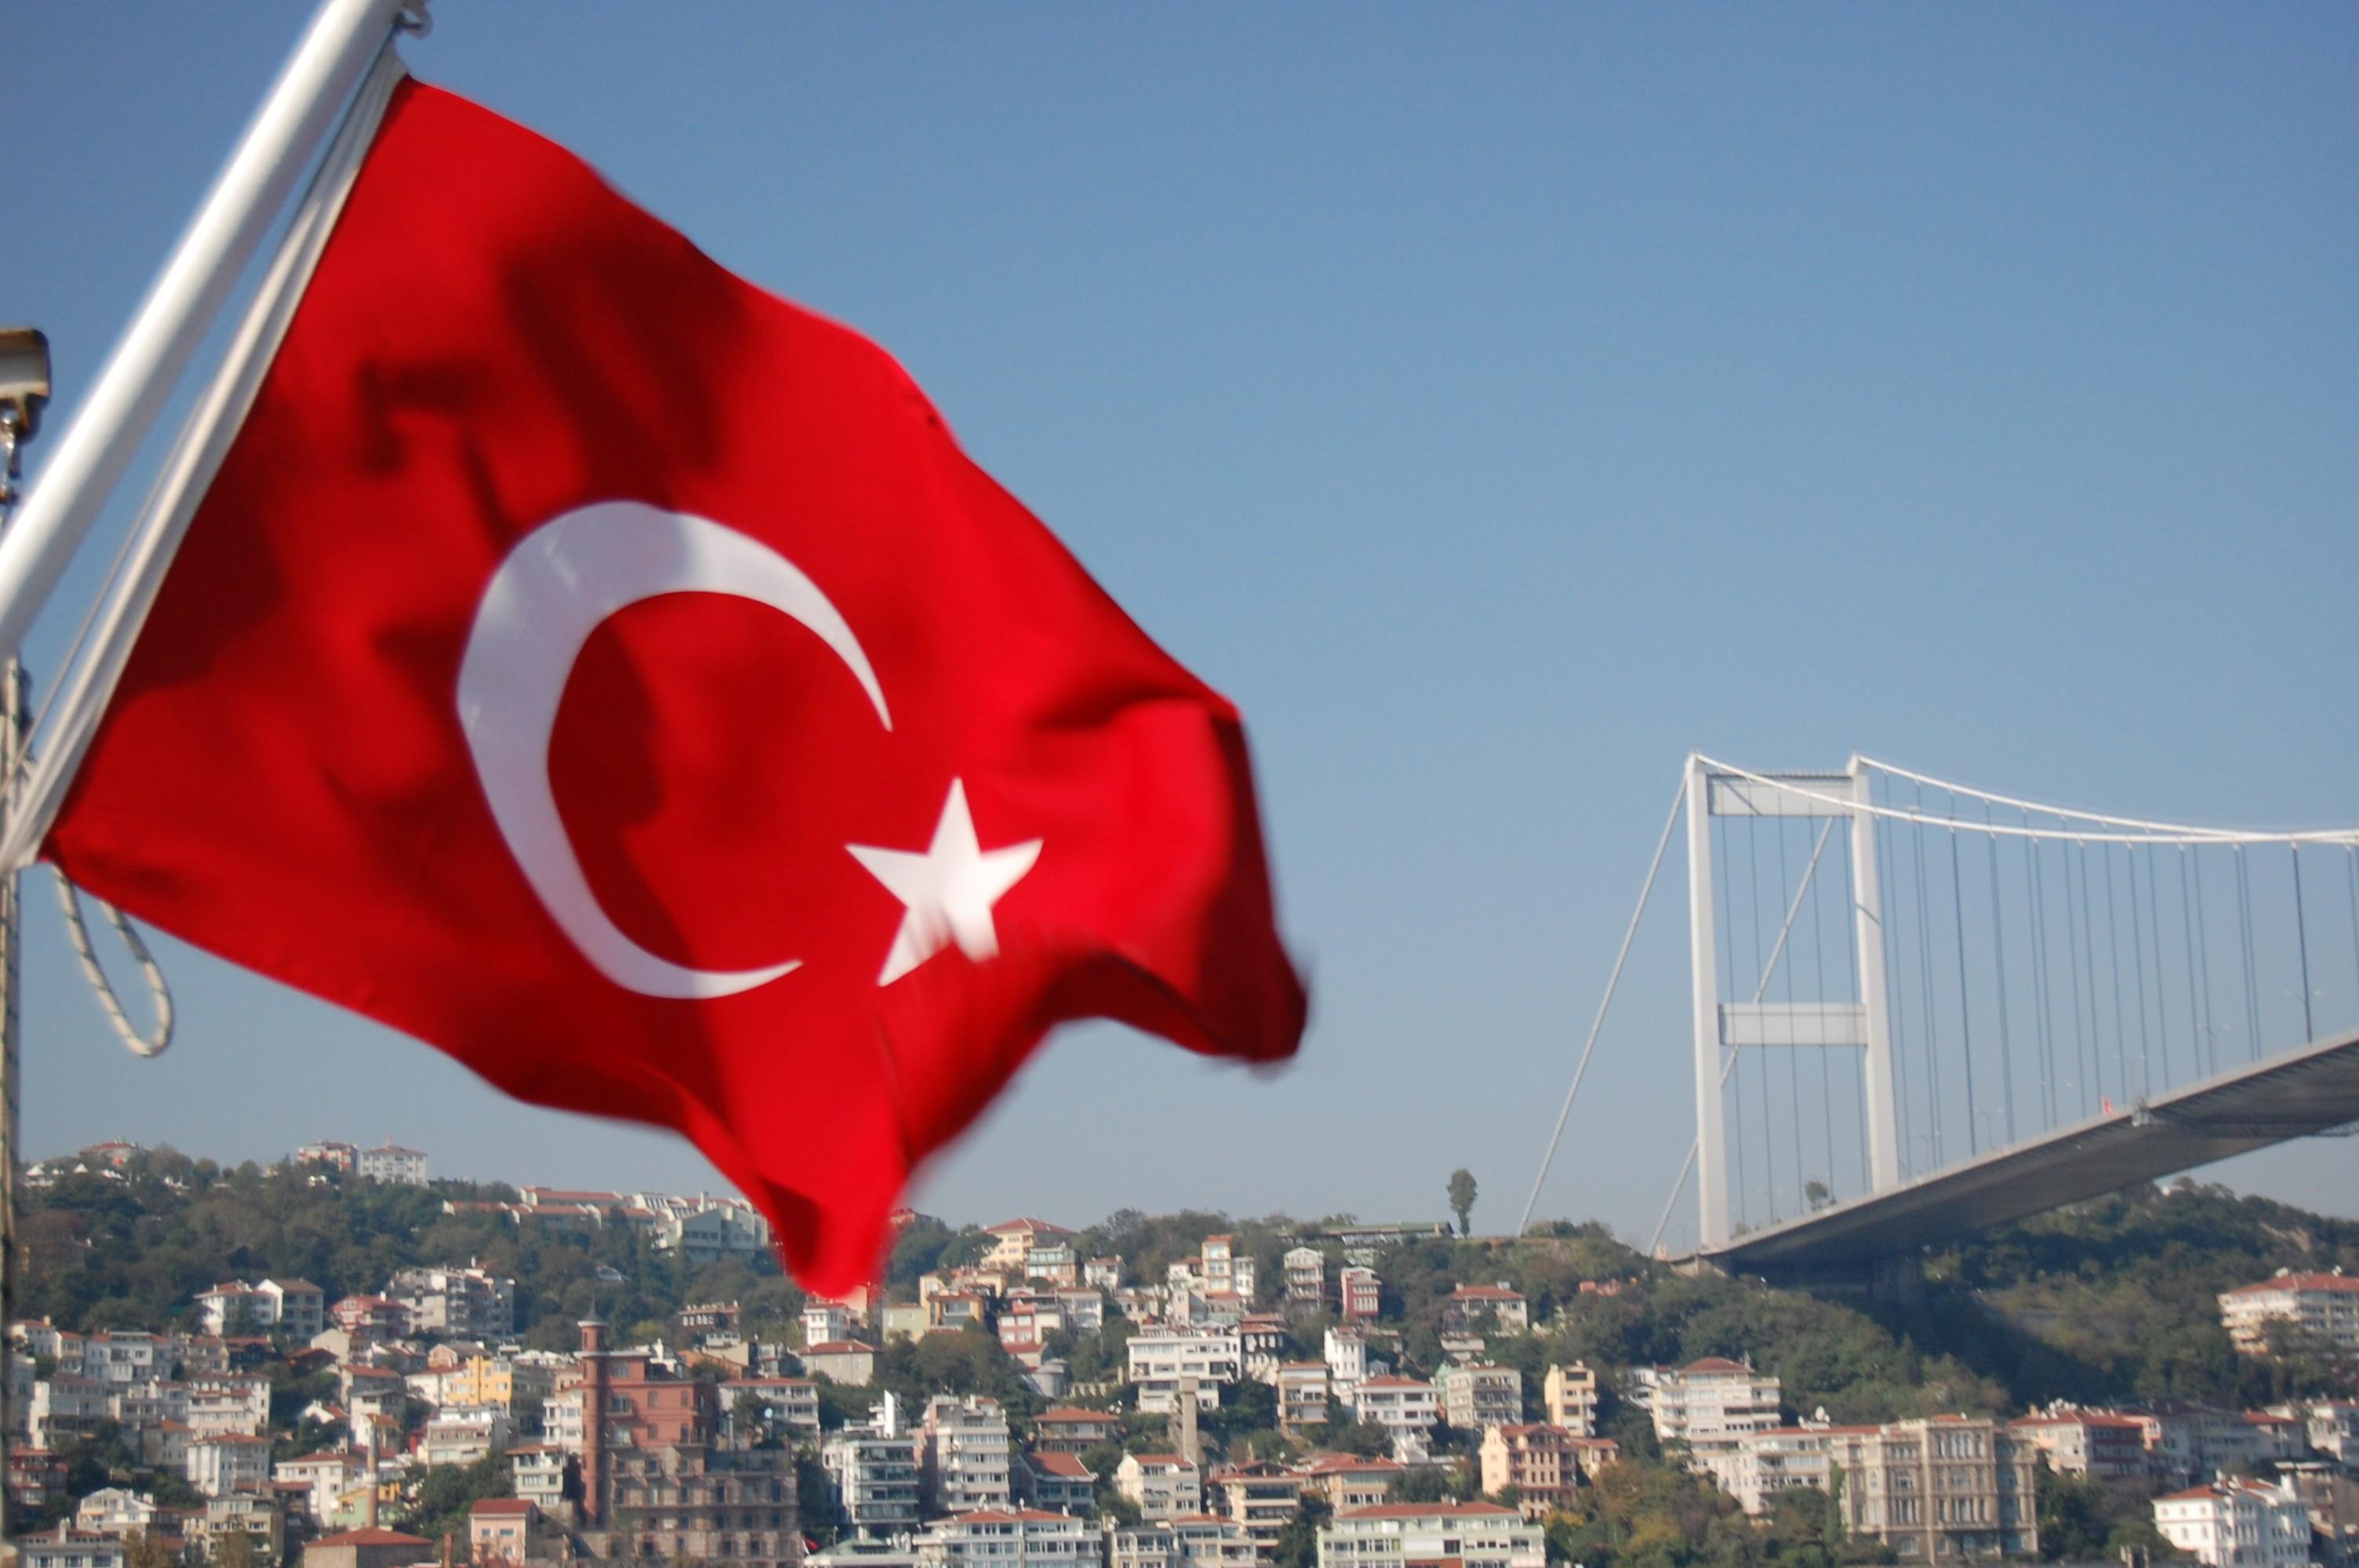 تركيا تعلن عن إجراءات جديدة بخصوص استصدار إقامة السوريين على أراضيها